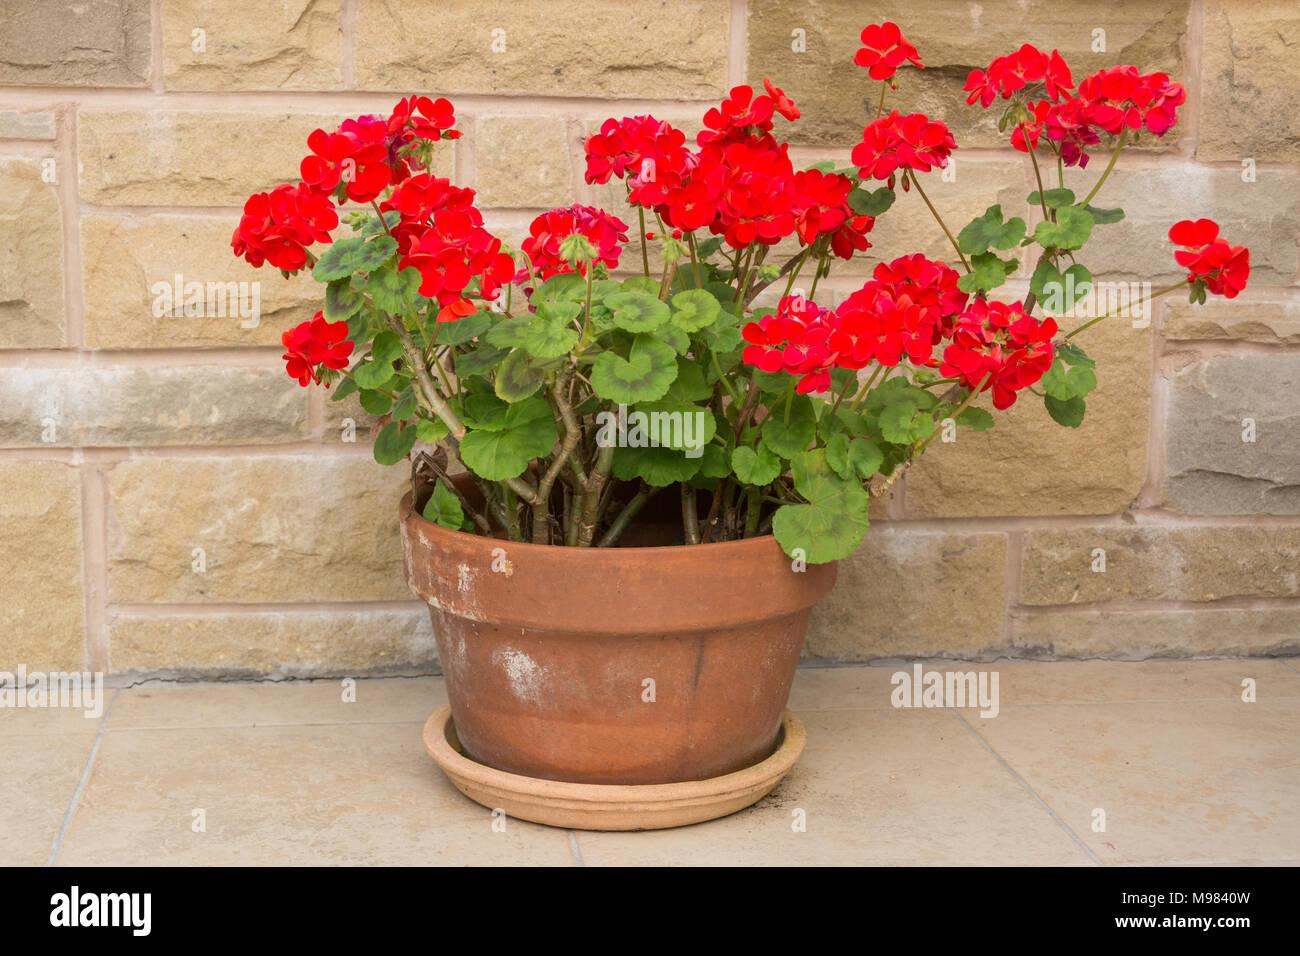 bright red geraniums pelargoniums in terracotta pot - Stock Image